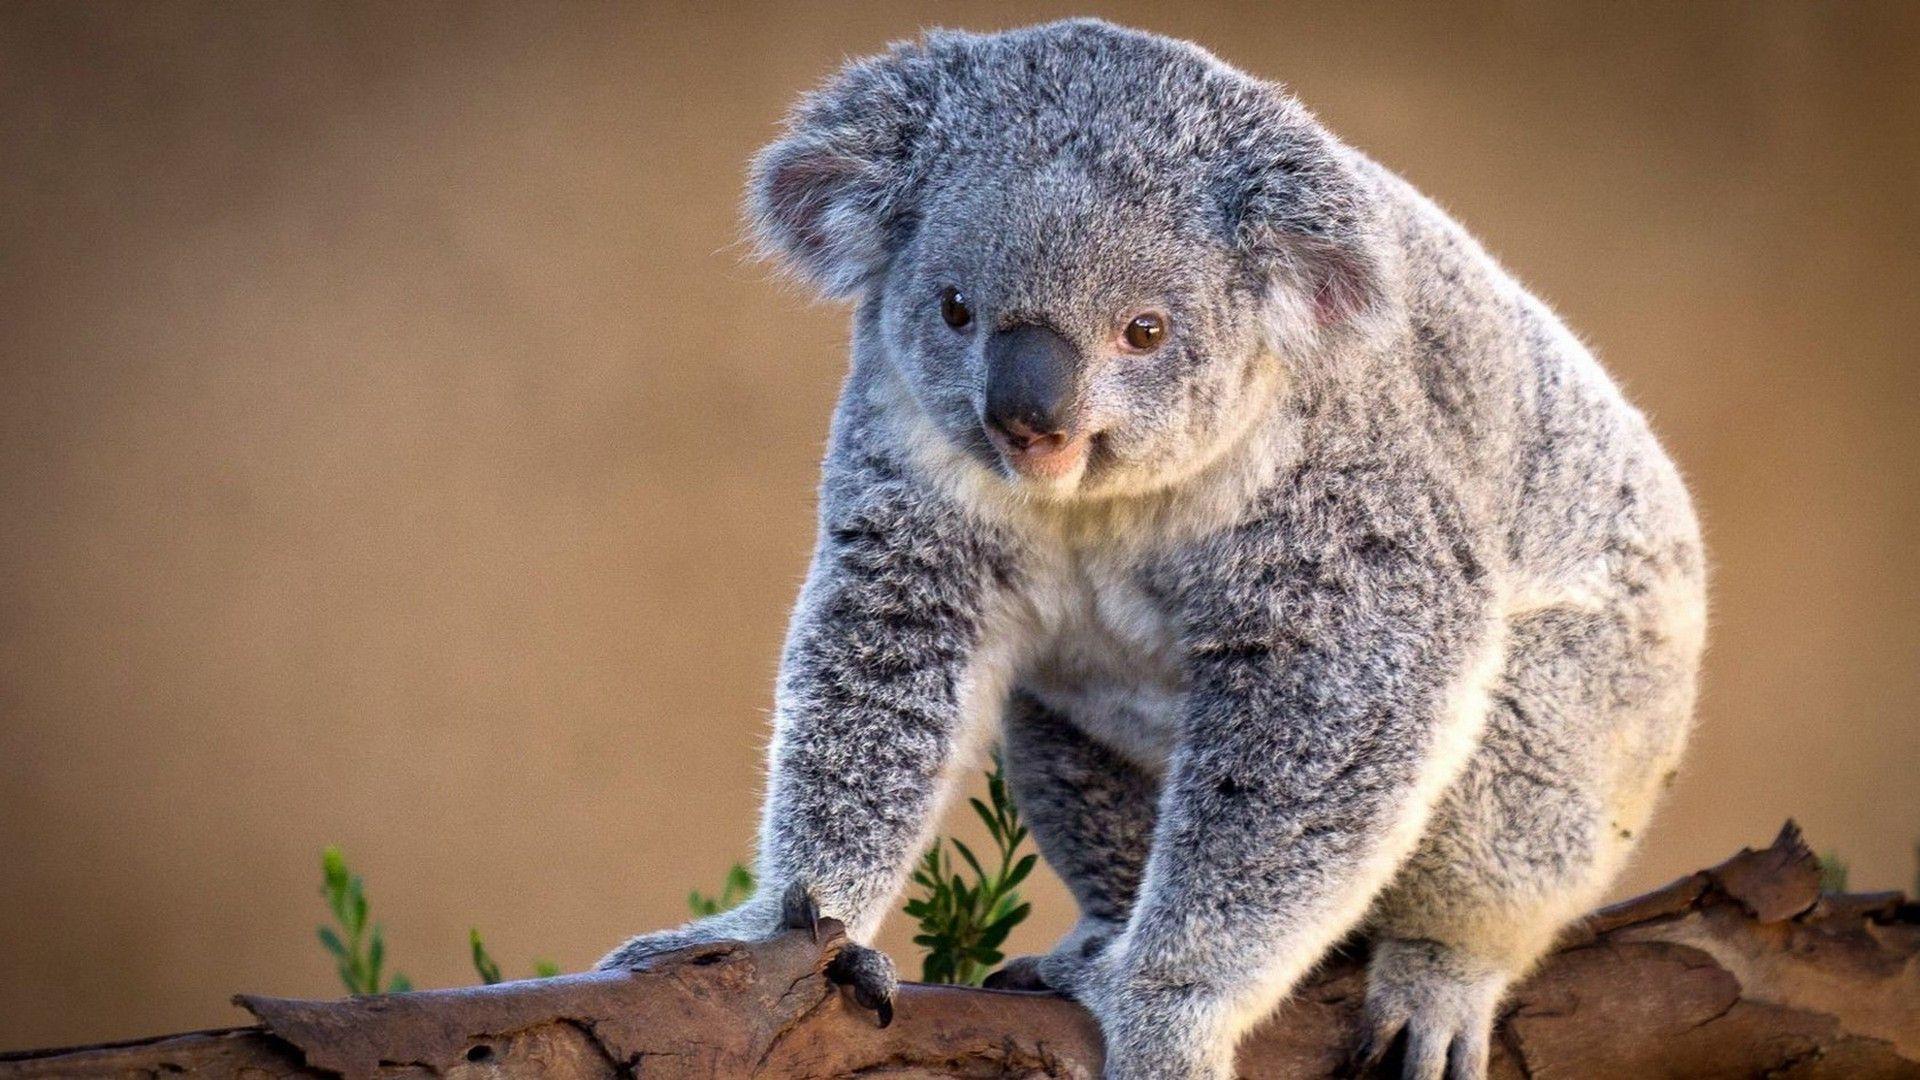 Koala Hd Wallpapers And Backgrounds 45 Http Www Urdunewtrend Com Hd Wallpapers Animal Koala Koala Hd Wallpapers And Backgrounds Koala Cute Animals Koalas